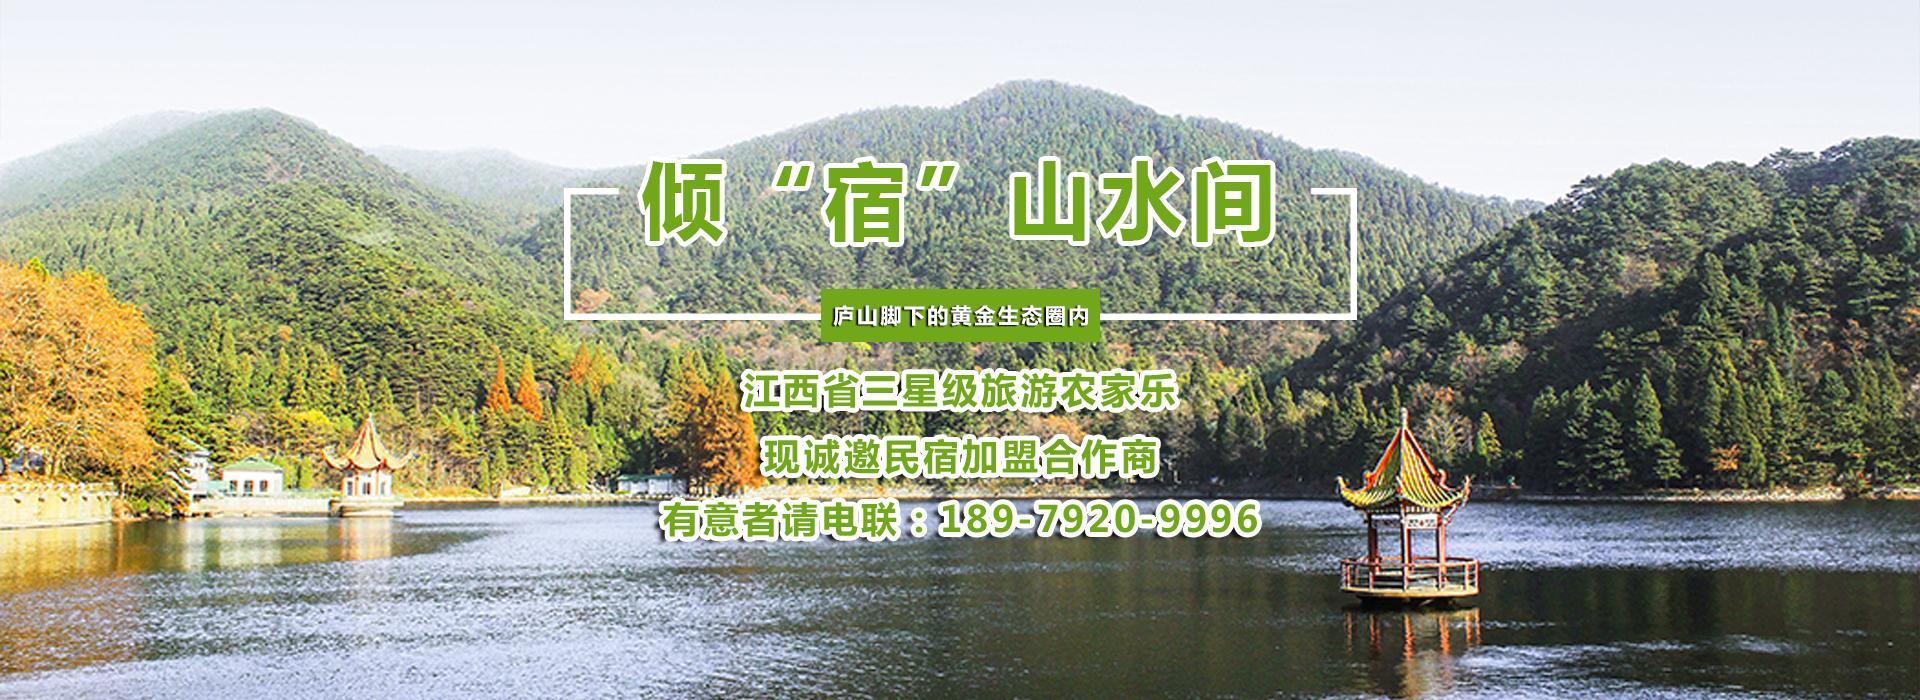 九江民宿旅游合作,九江农业合作,九江山林转让